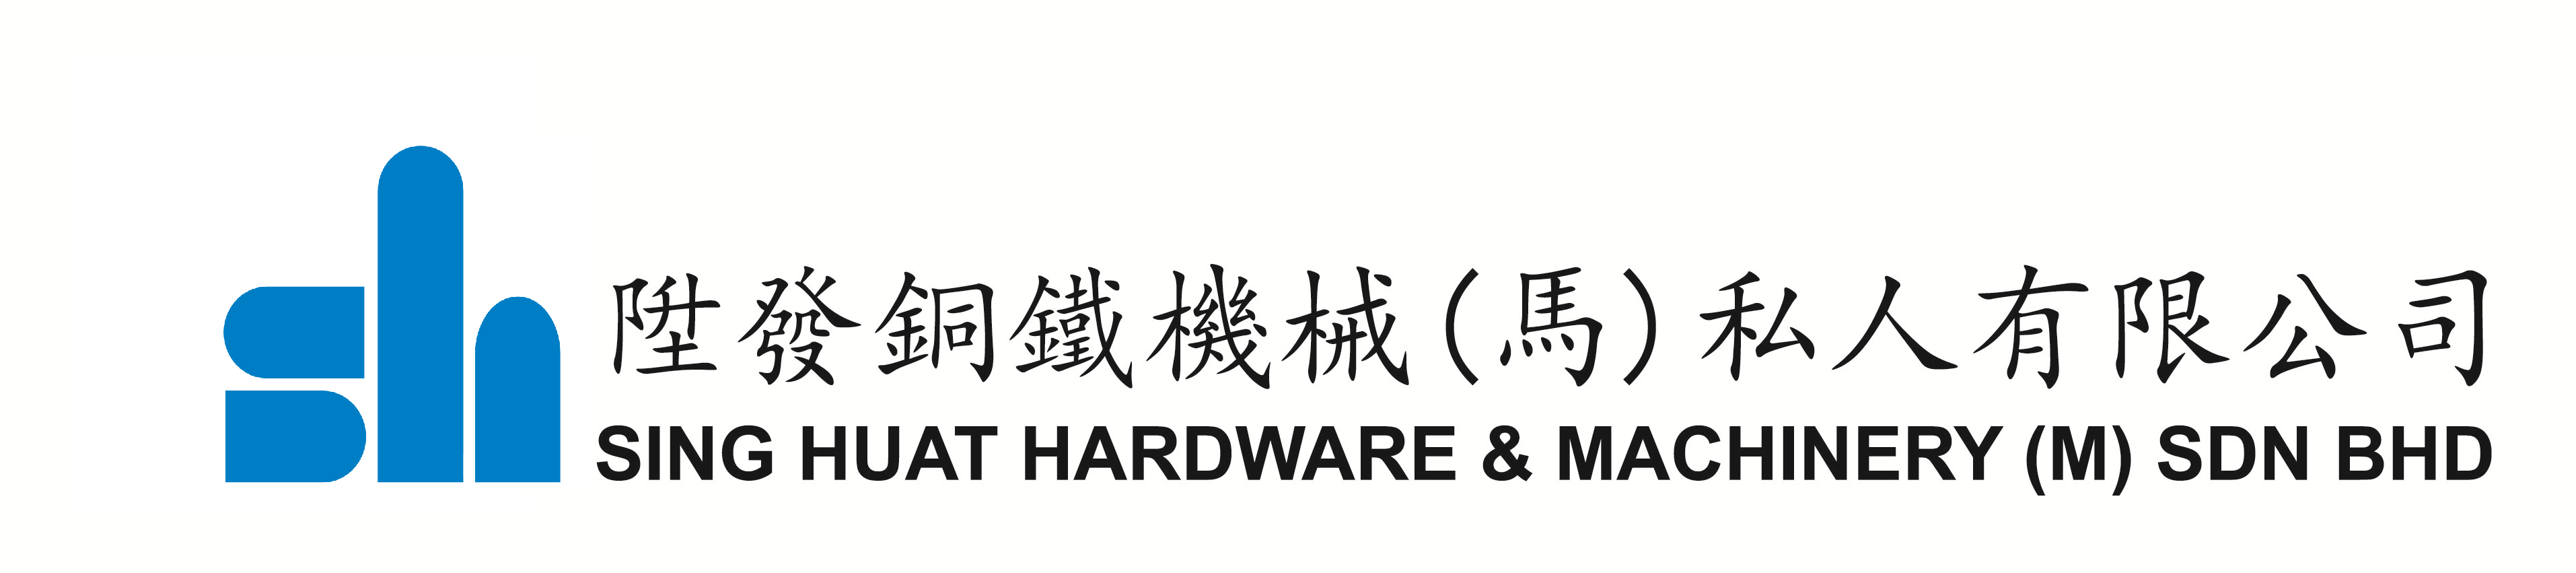 SING HUAT HARDWARE & MACHINERY (M) SDN BHD